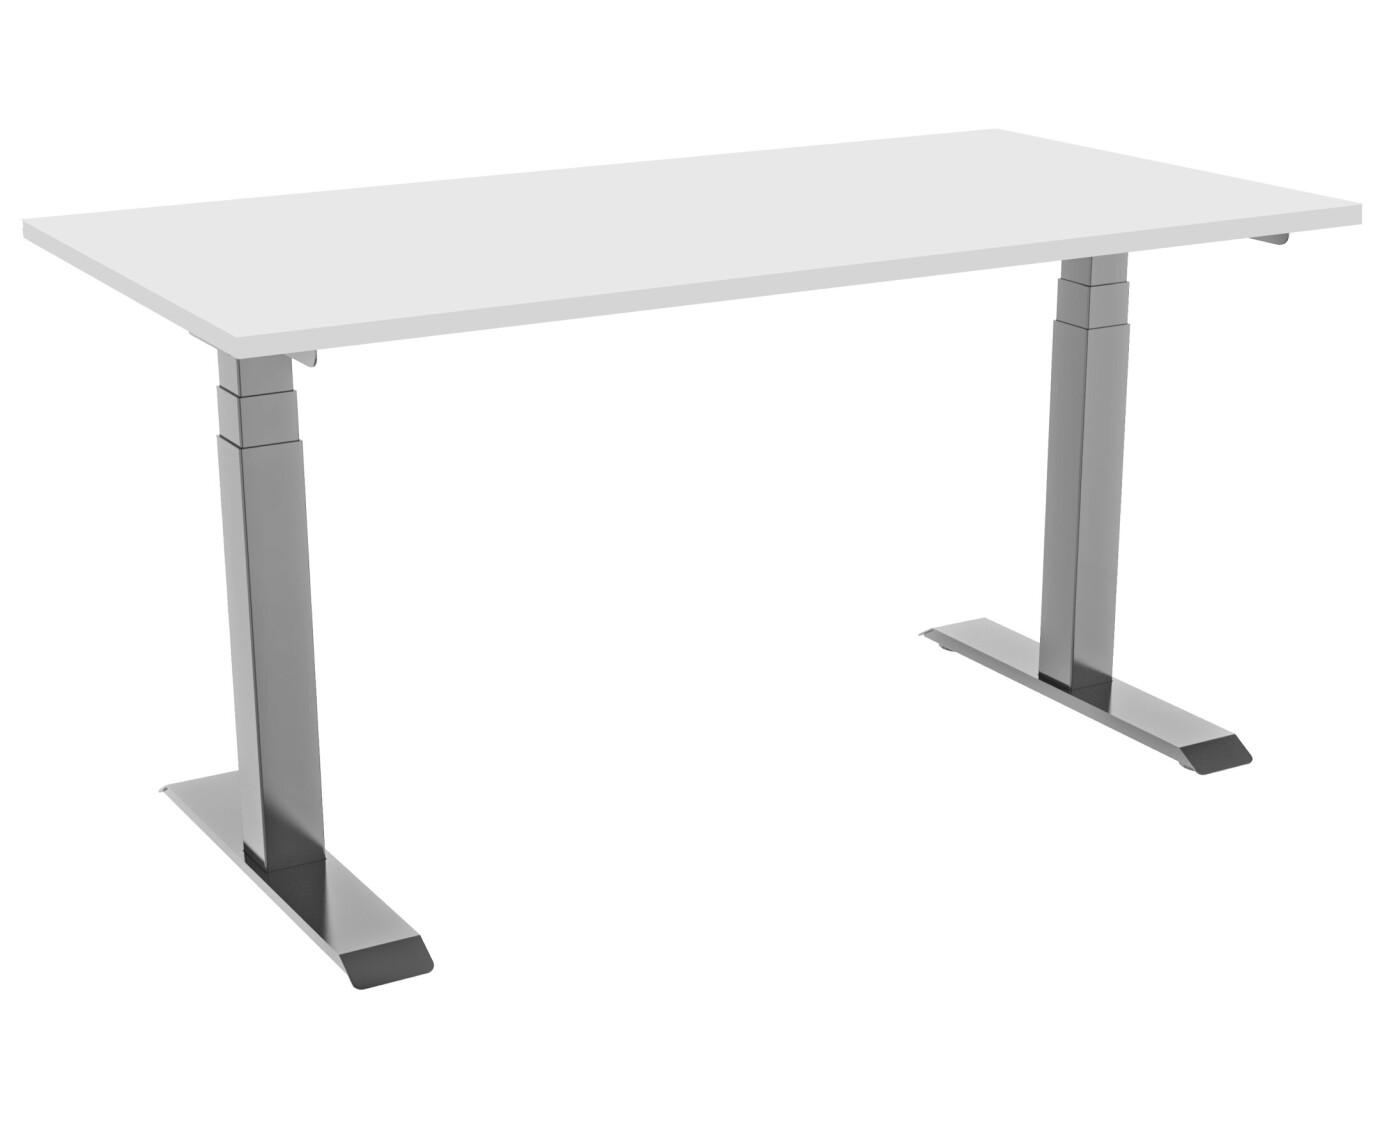 Bureau celexon PRO eAdjust-58123 réglable en hauteur électriquement - gris, avec plateau 150 x 75 cm